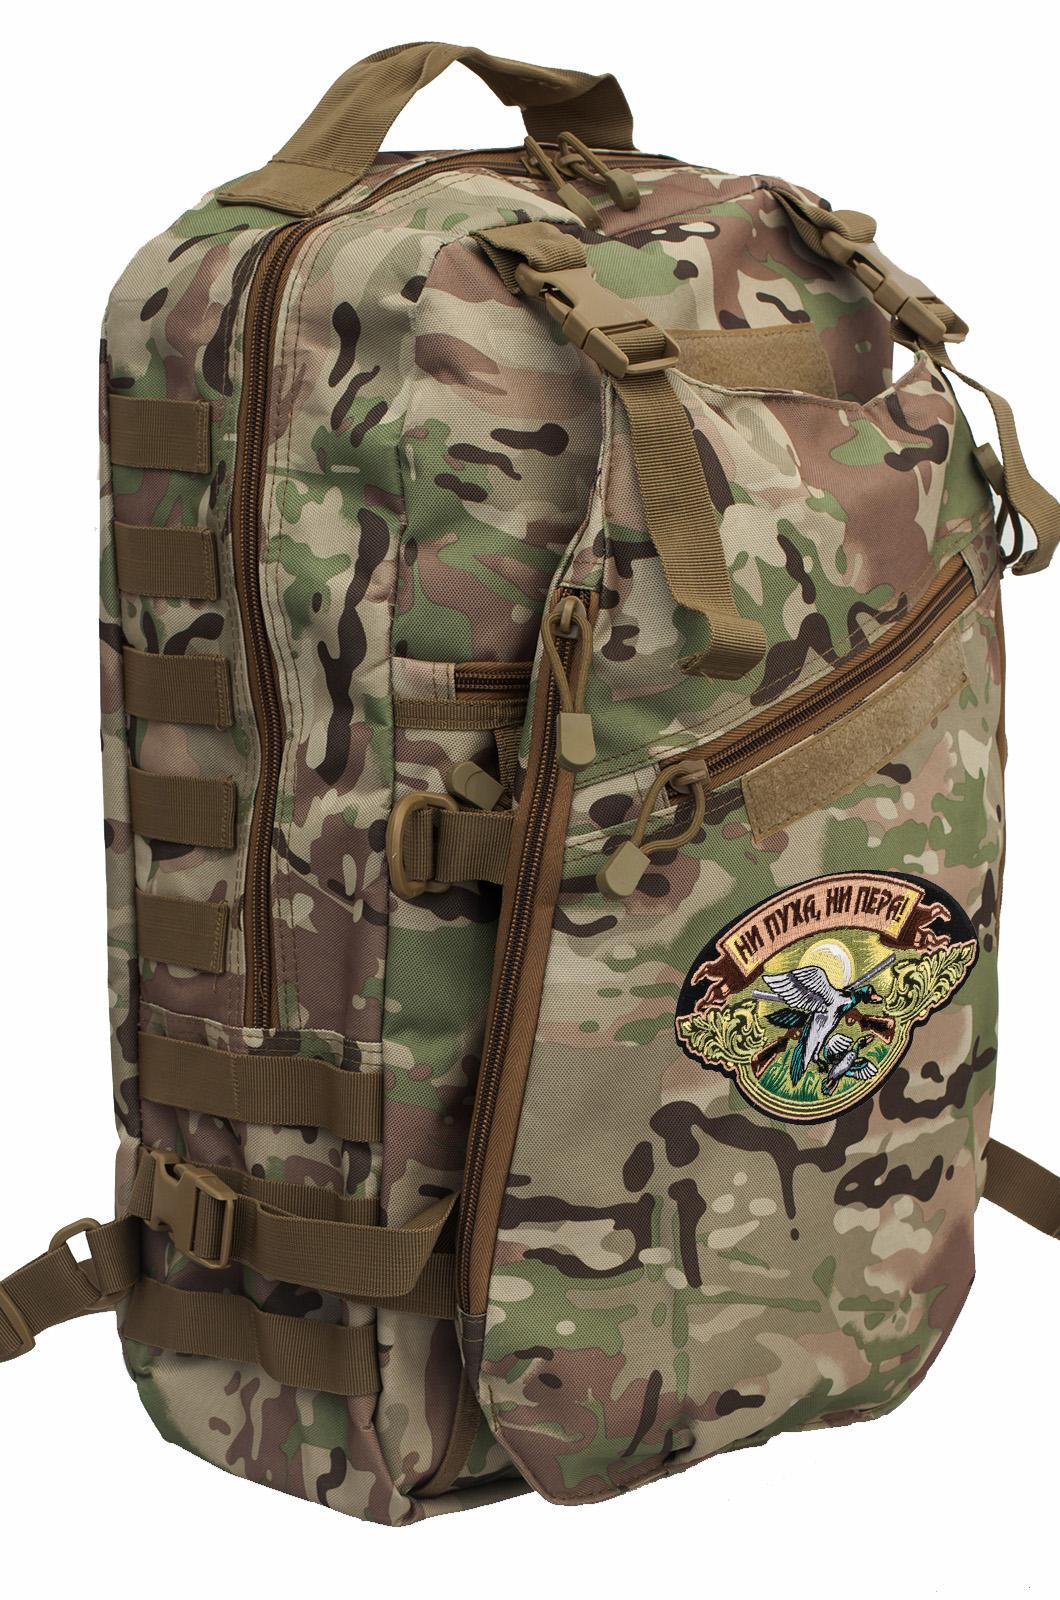 Охотничий камуфляжный рюкзак Ни Пуха ни Пера - купить оптом